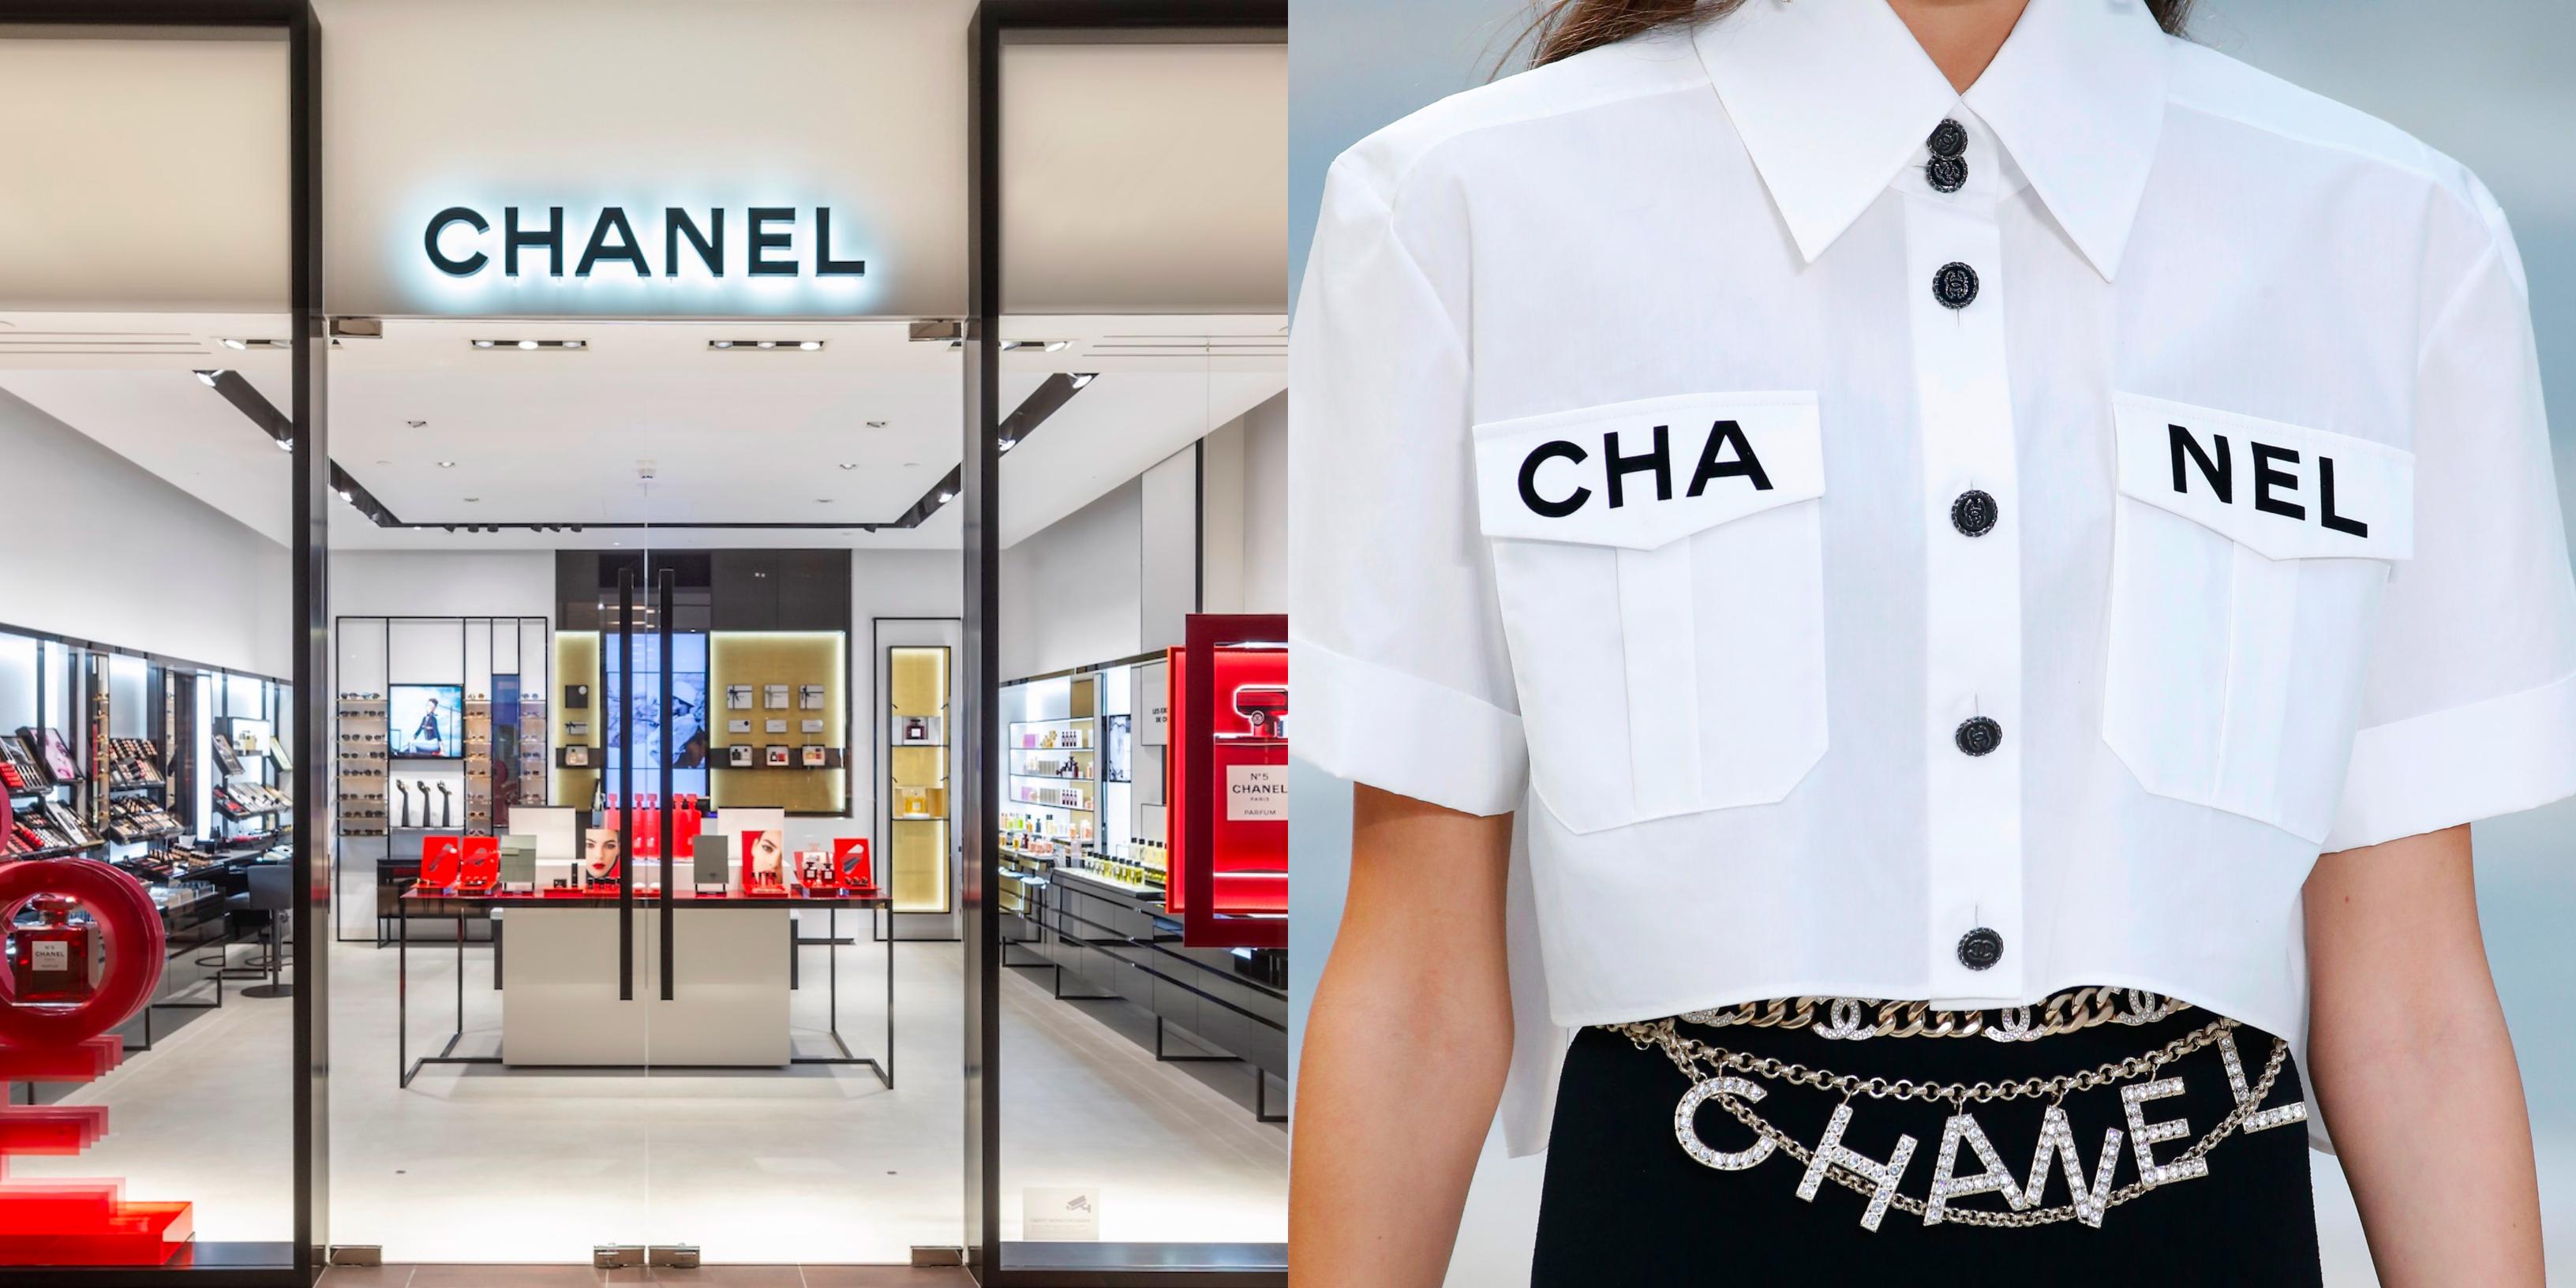 8866b2d53cd4c Pierwszy butik Chanel w Polsce już otwarty! Podpowiadamy gdzie dokładnie i  co można w nim kupić - Glamour.pl